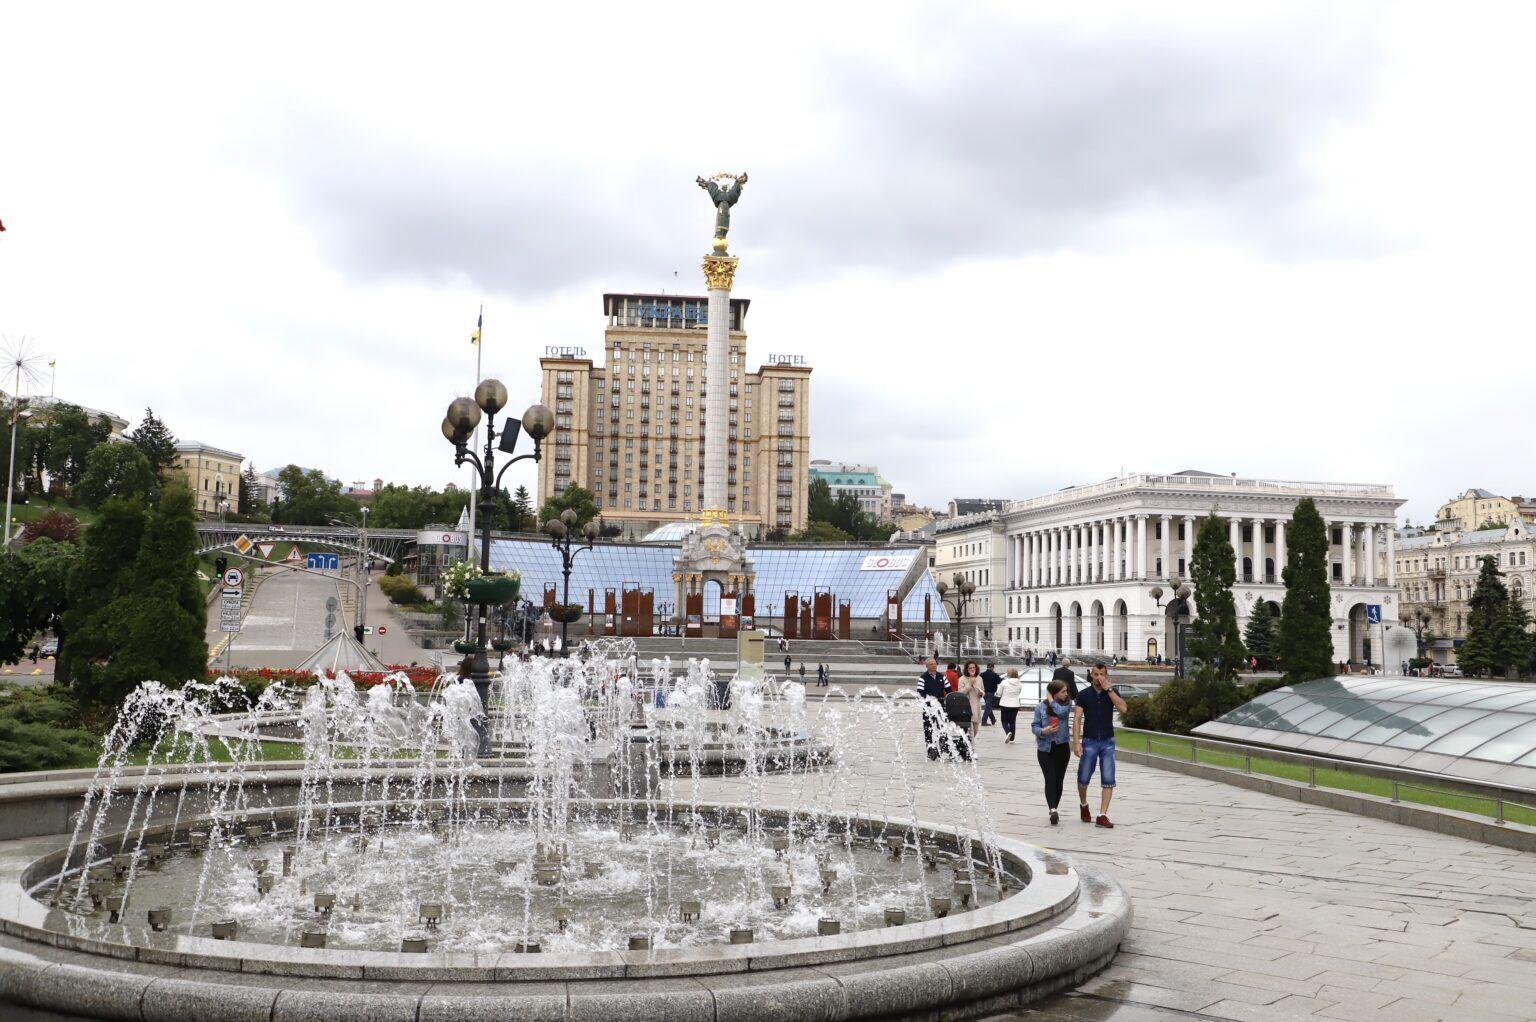 Світломузичні фонтані на Майдані Незалежності.